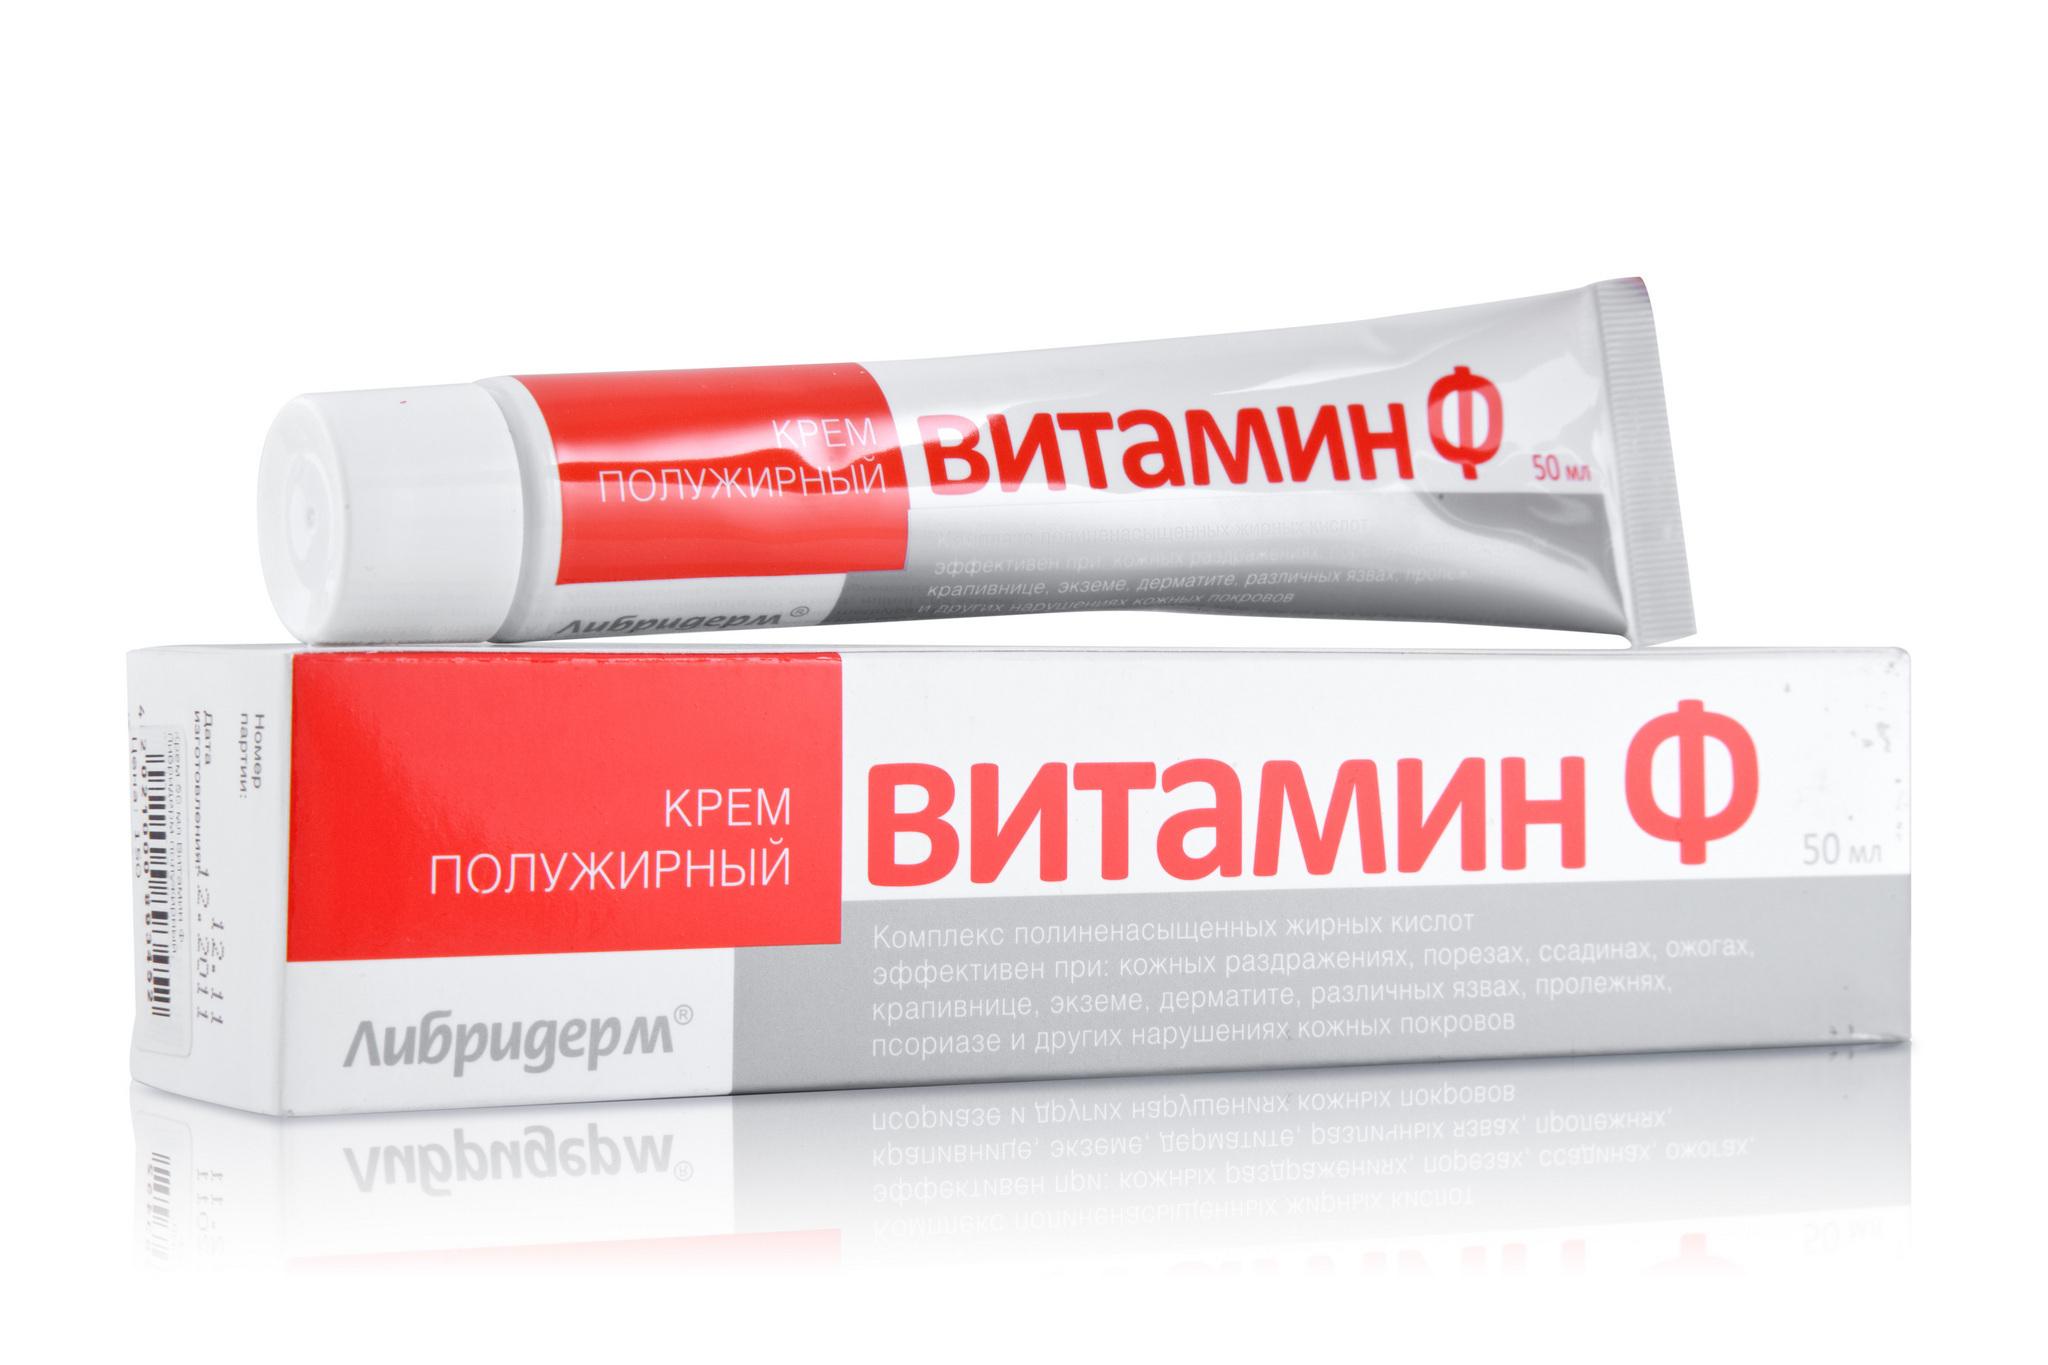 krém f-vitamin pikkelysömörhöz